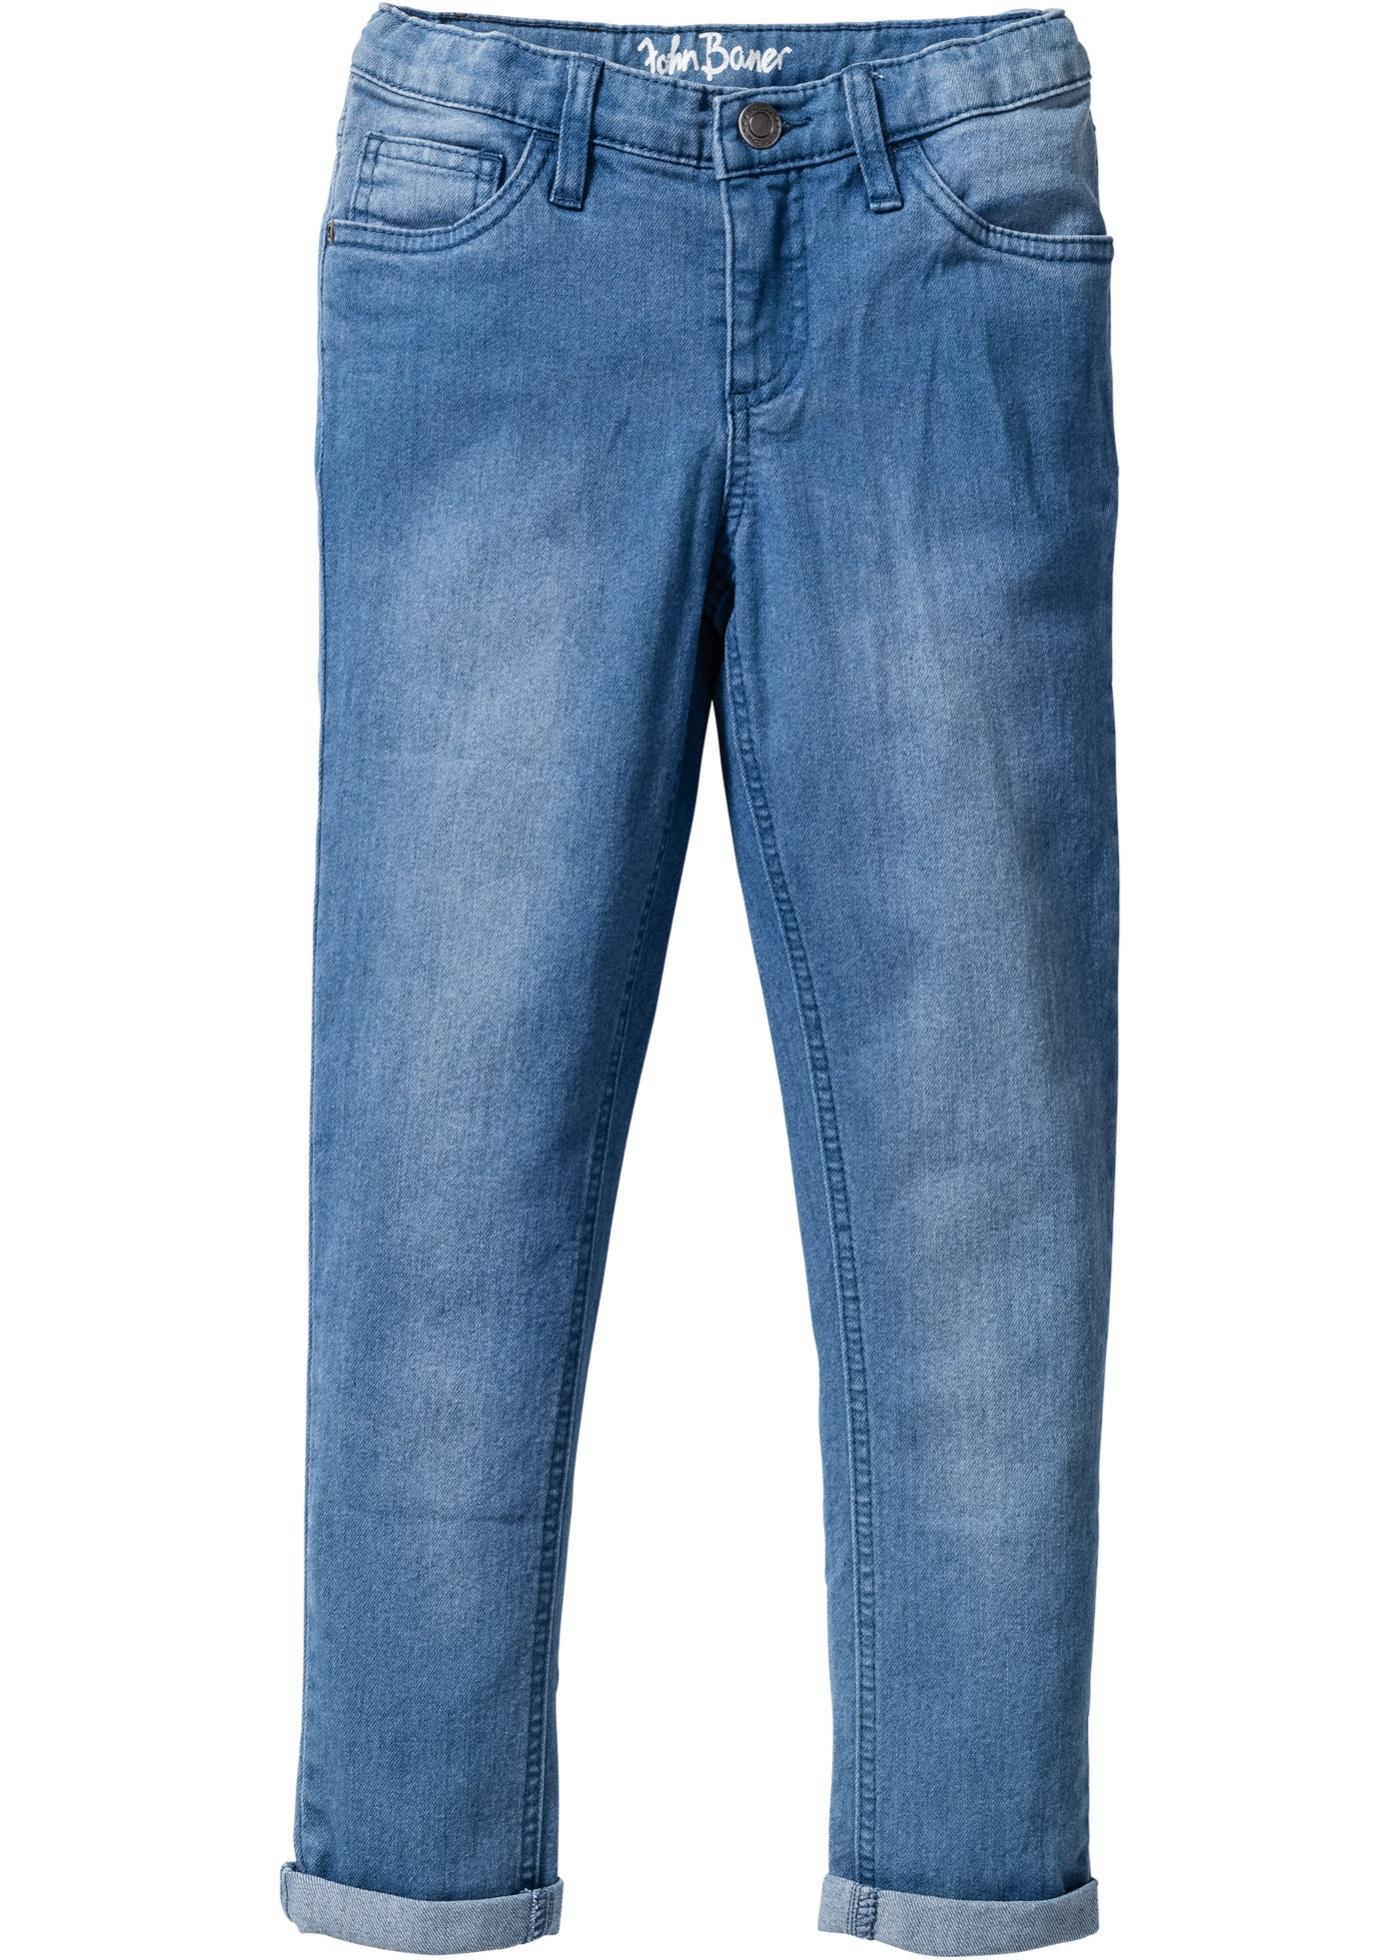 """Jean must-have pour les filles en style 5 poches avec légers effets usés. Pourcentage d""""élasthanne pour un bon confort. Tour de taille réglable jusqu""""au 170."""